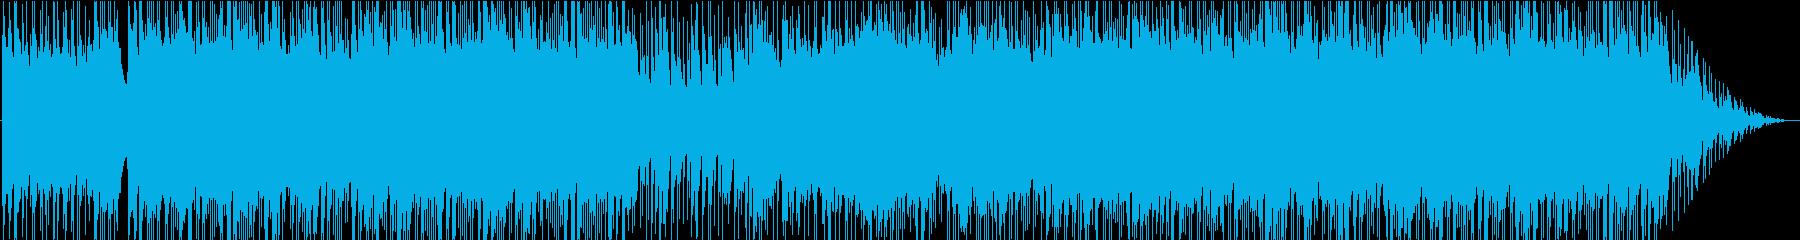 シリアスなバトル曲、クリスタルなイメージの再生済みの波形